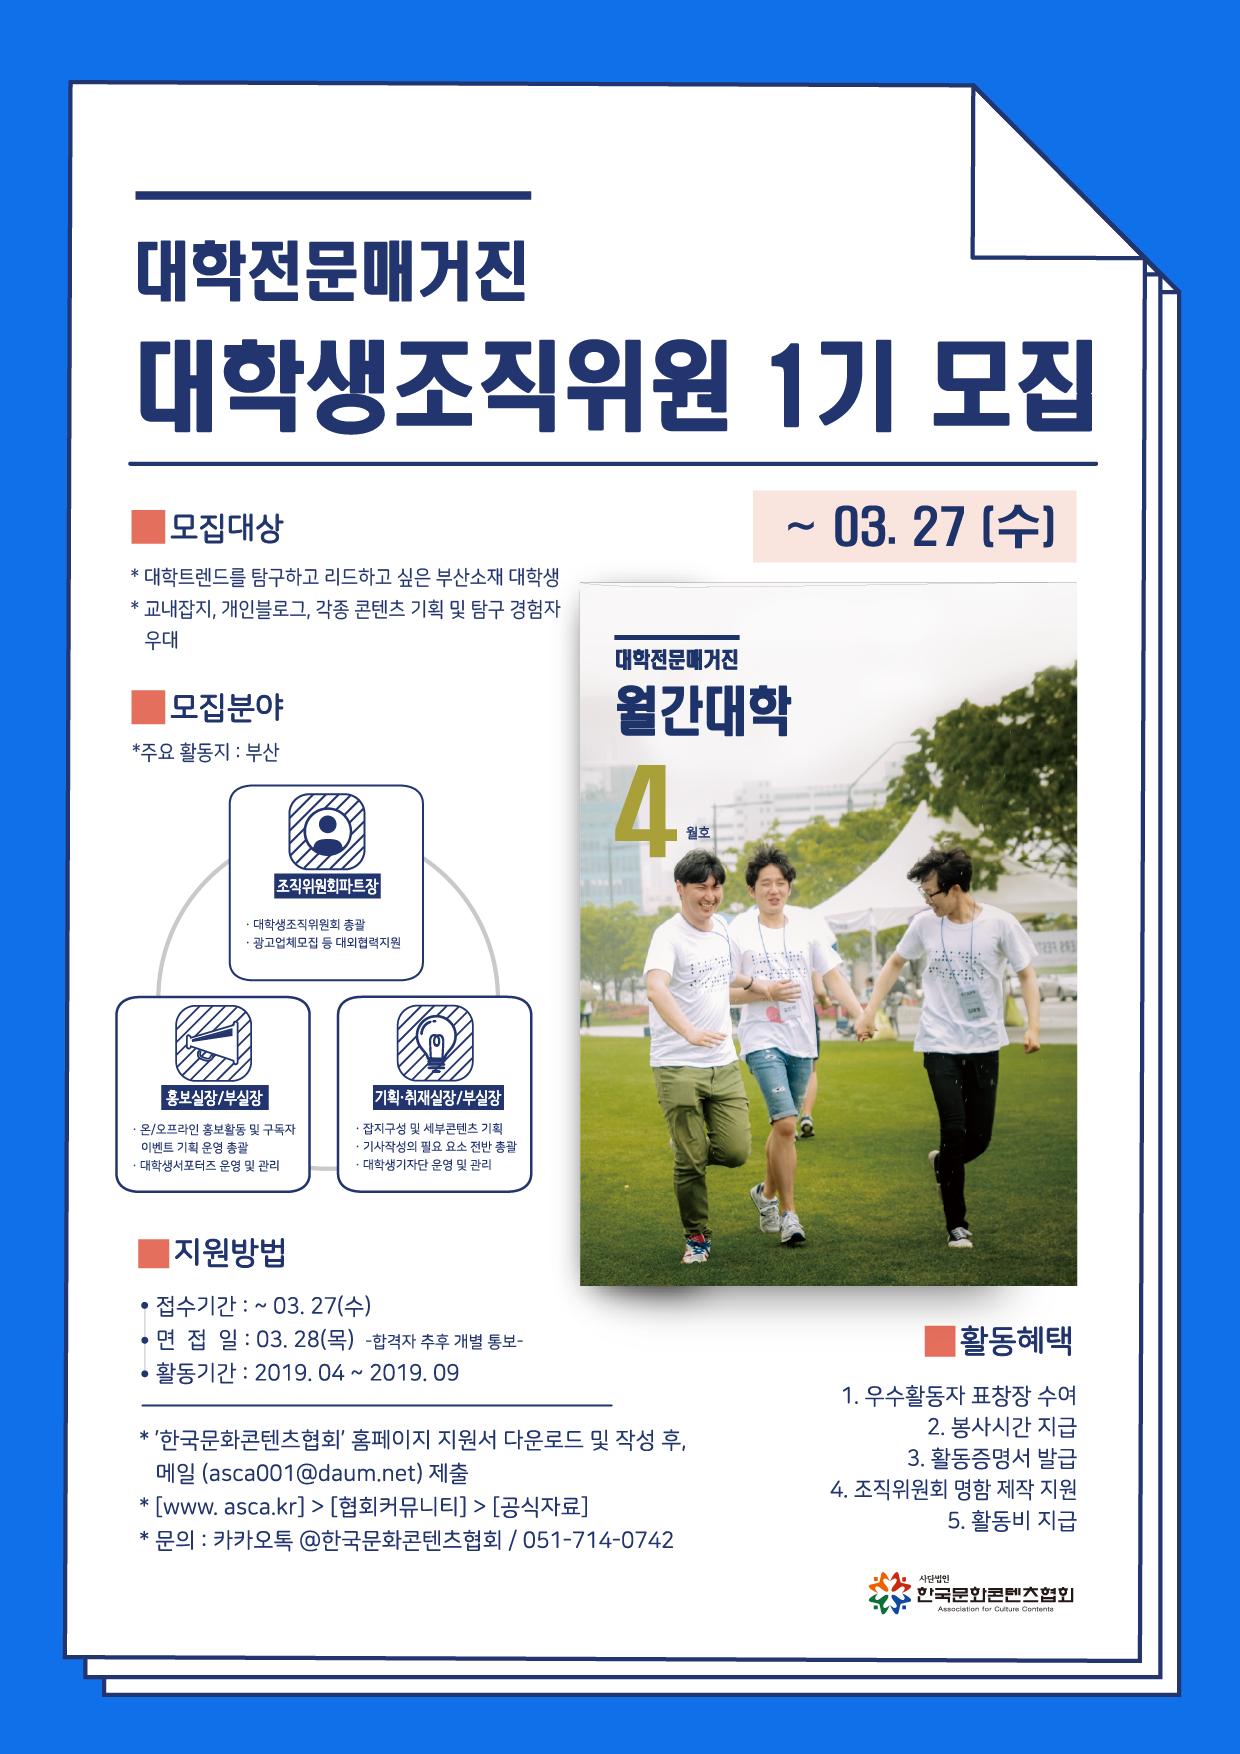 대학전문매거진 대학생조직위원 1기 모집